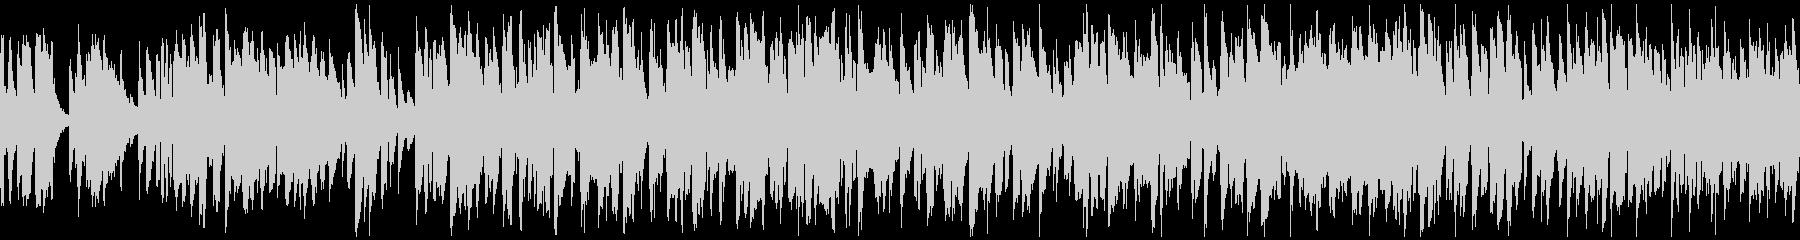 コメディ系のリコーダー曲、脱力※ループ版の未再生の波形